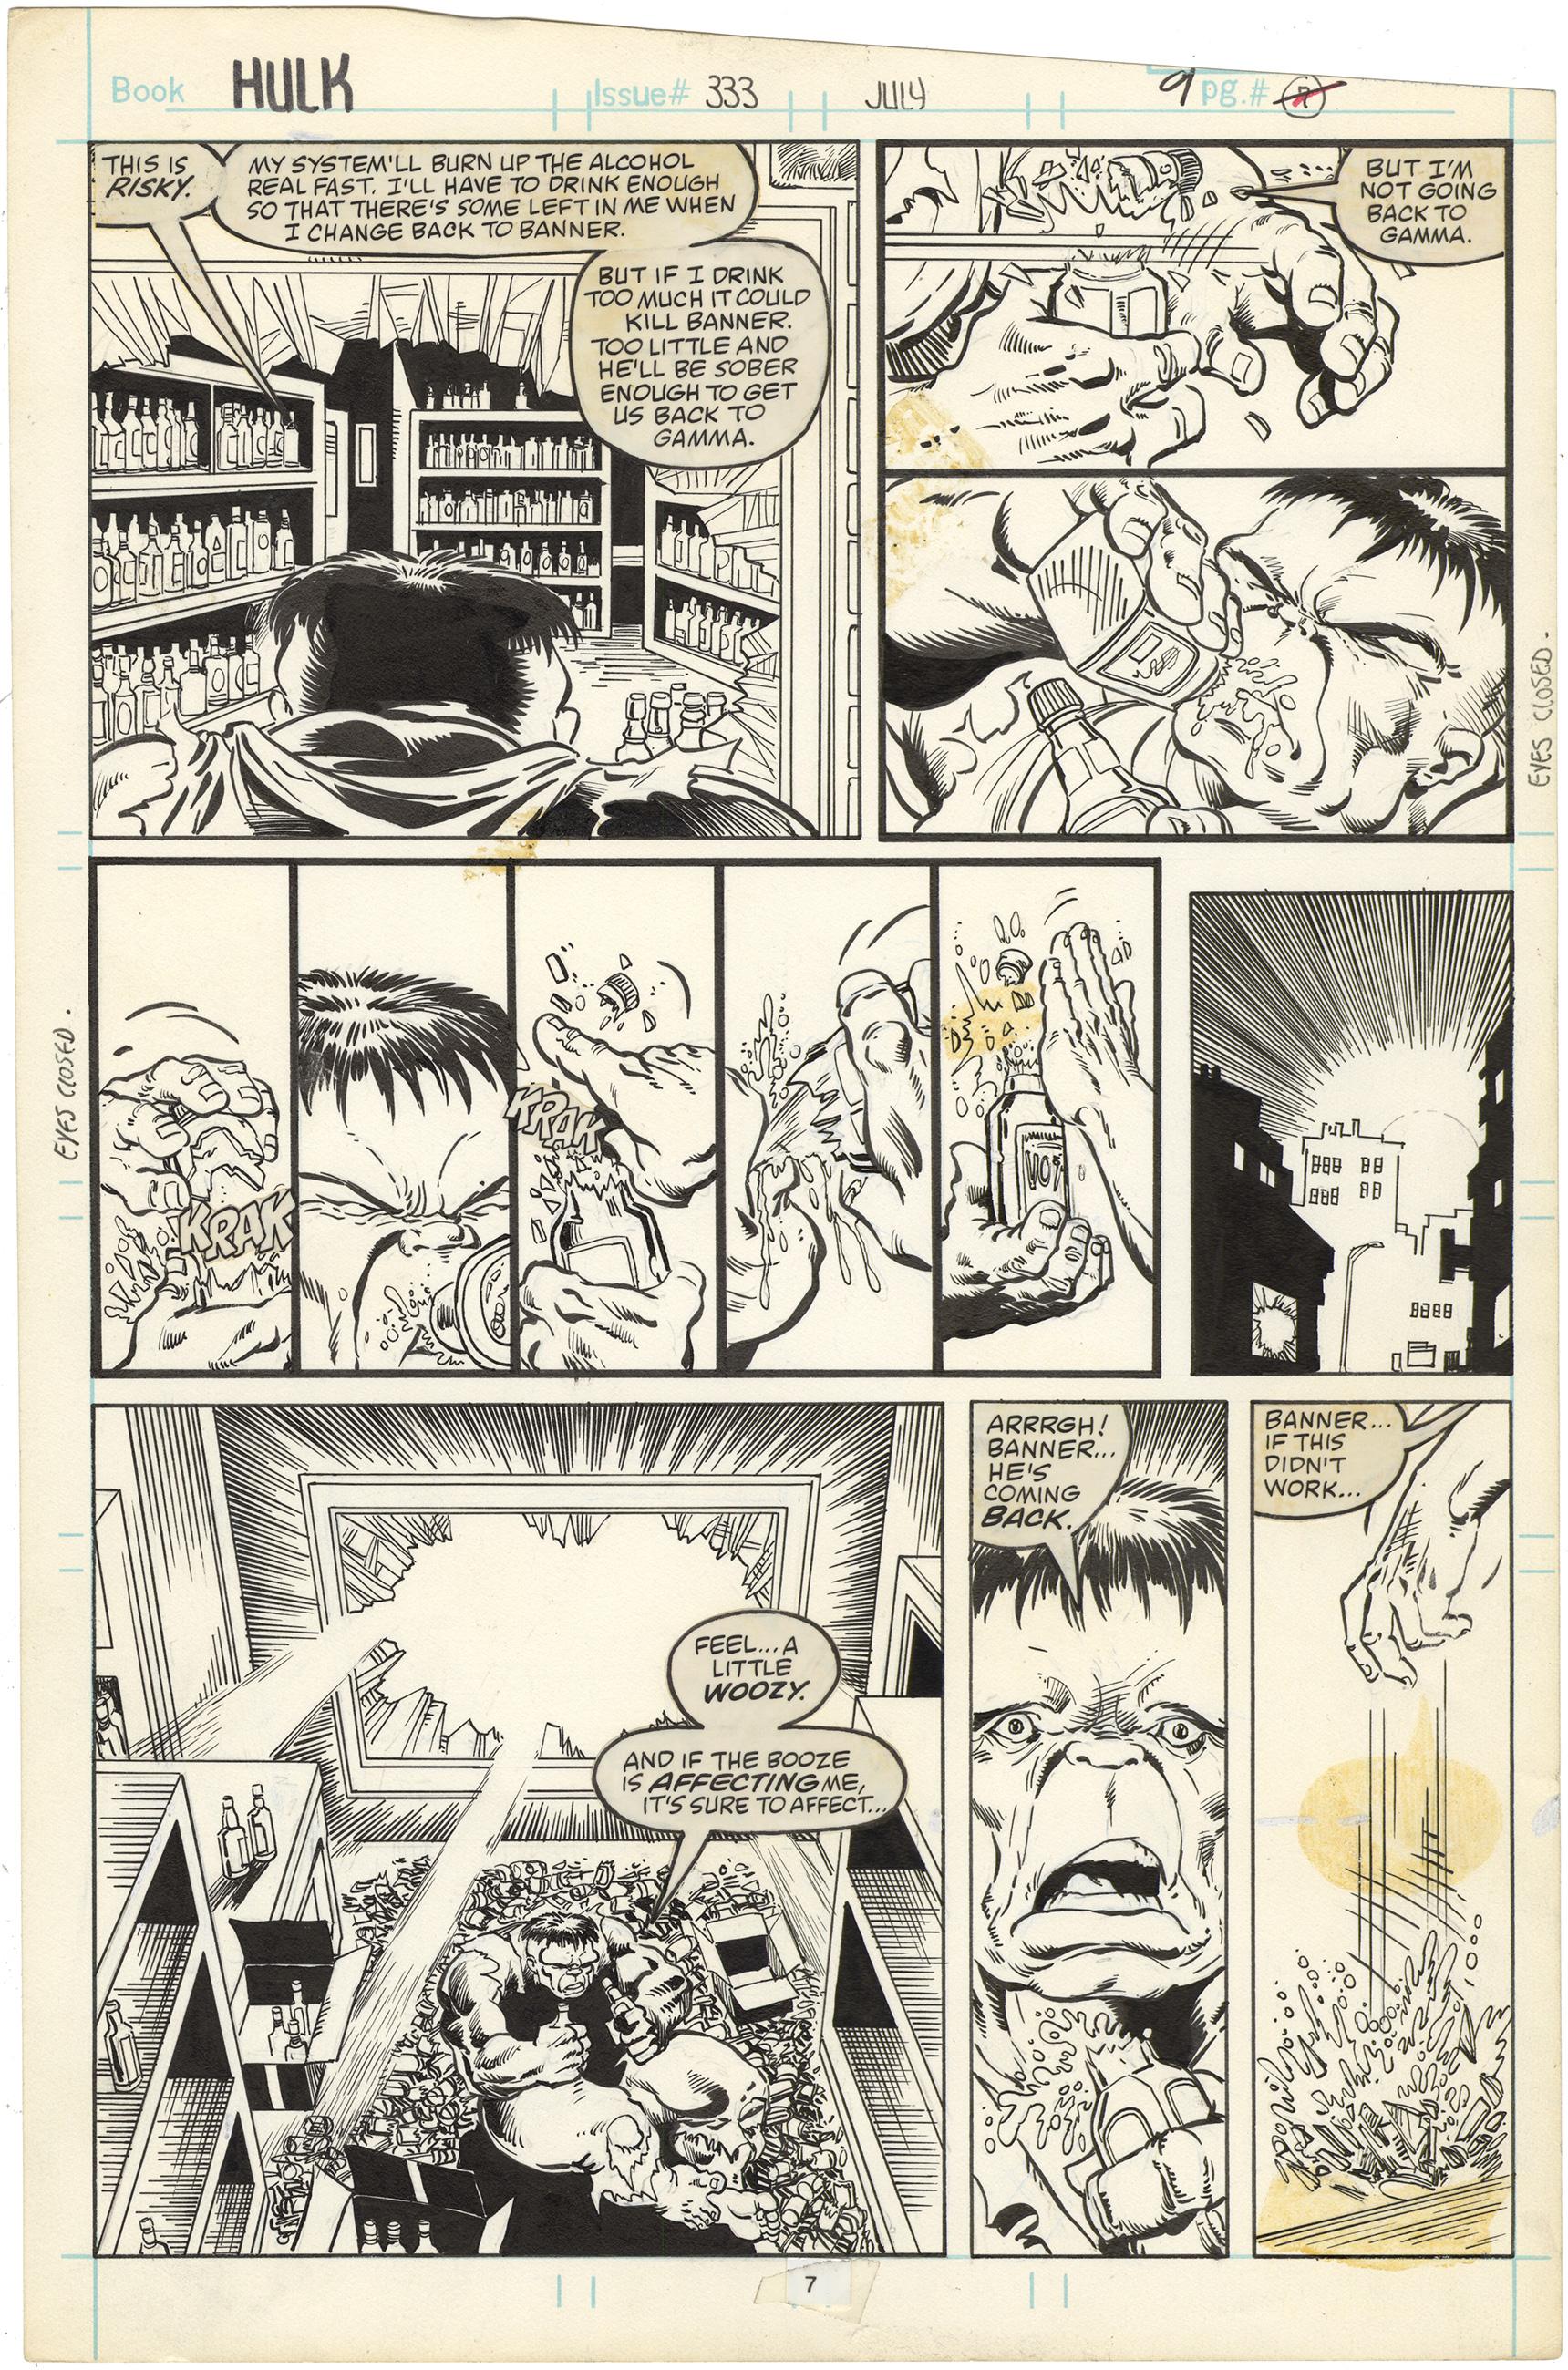 Incredible Hulk #333 p7